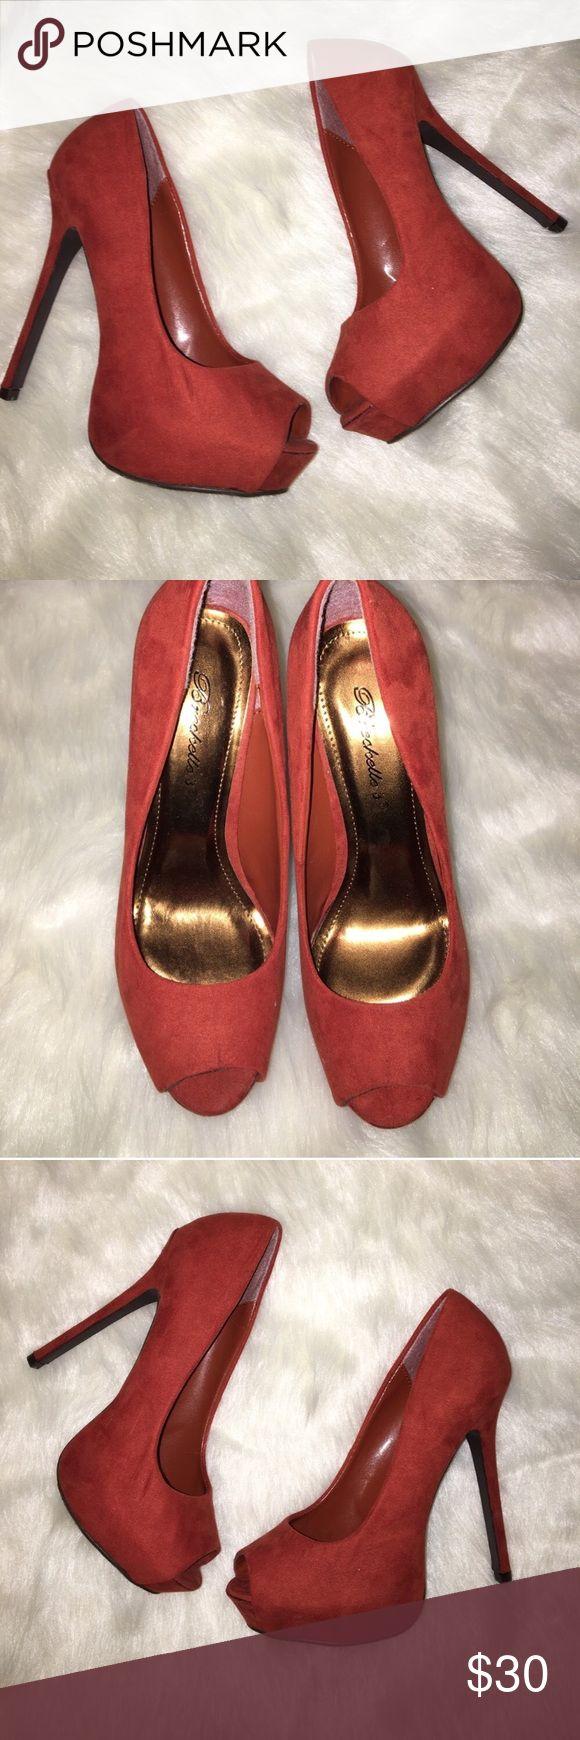 Rusty red peep toe platform heels Rusty red peep toe platform heels heel is 5.5 inches with a 1 inch platform Breckelles Shoes Platforms